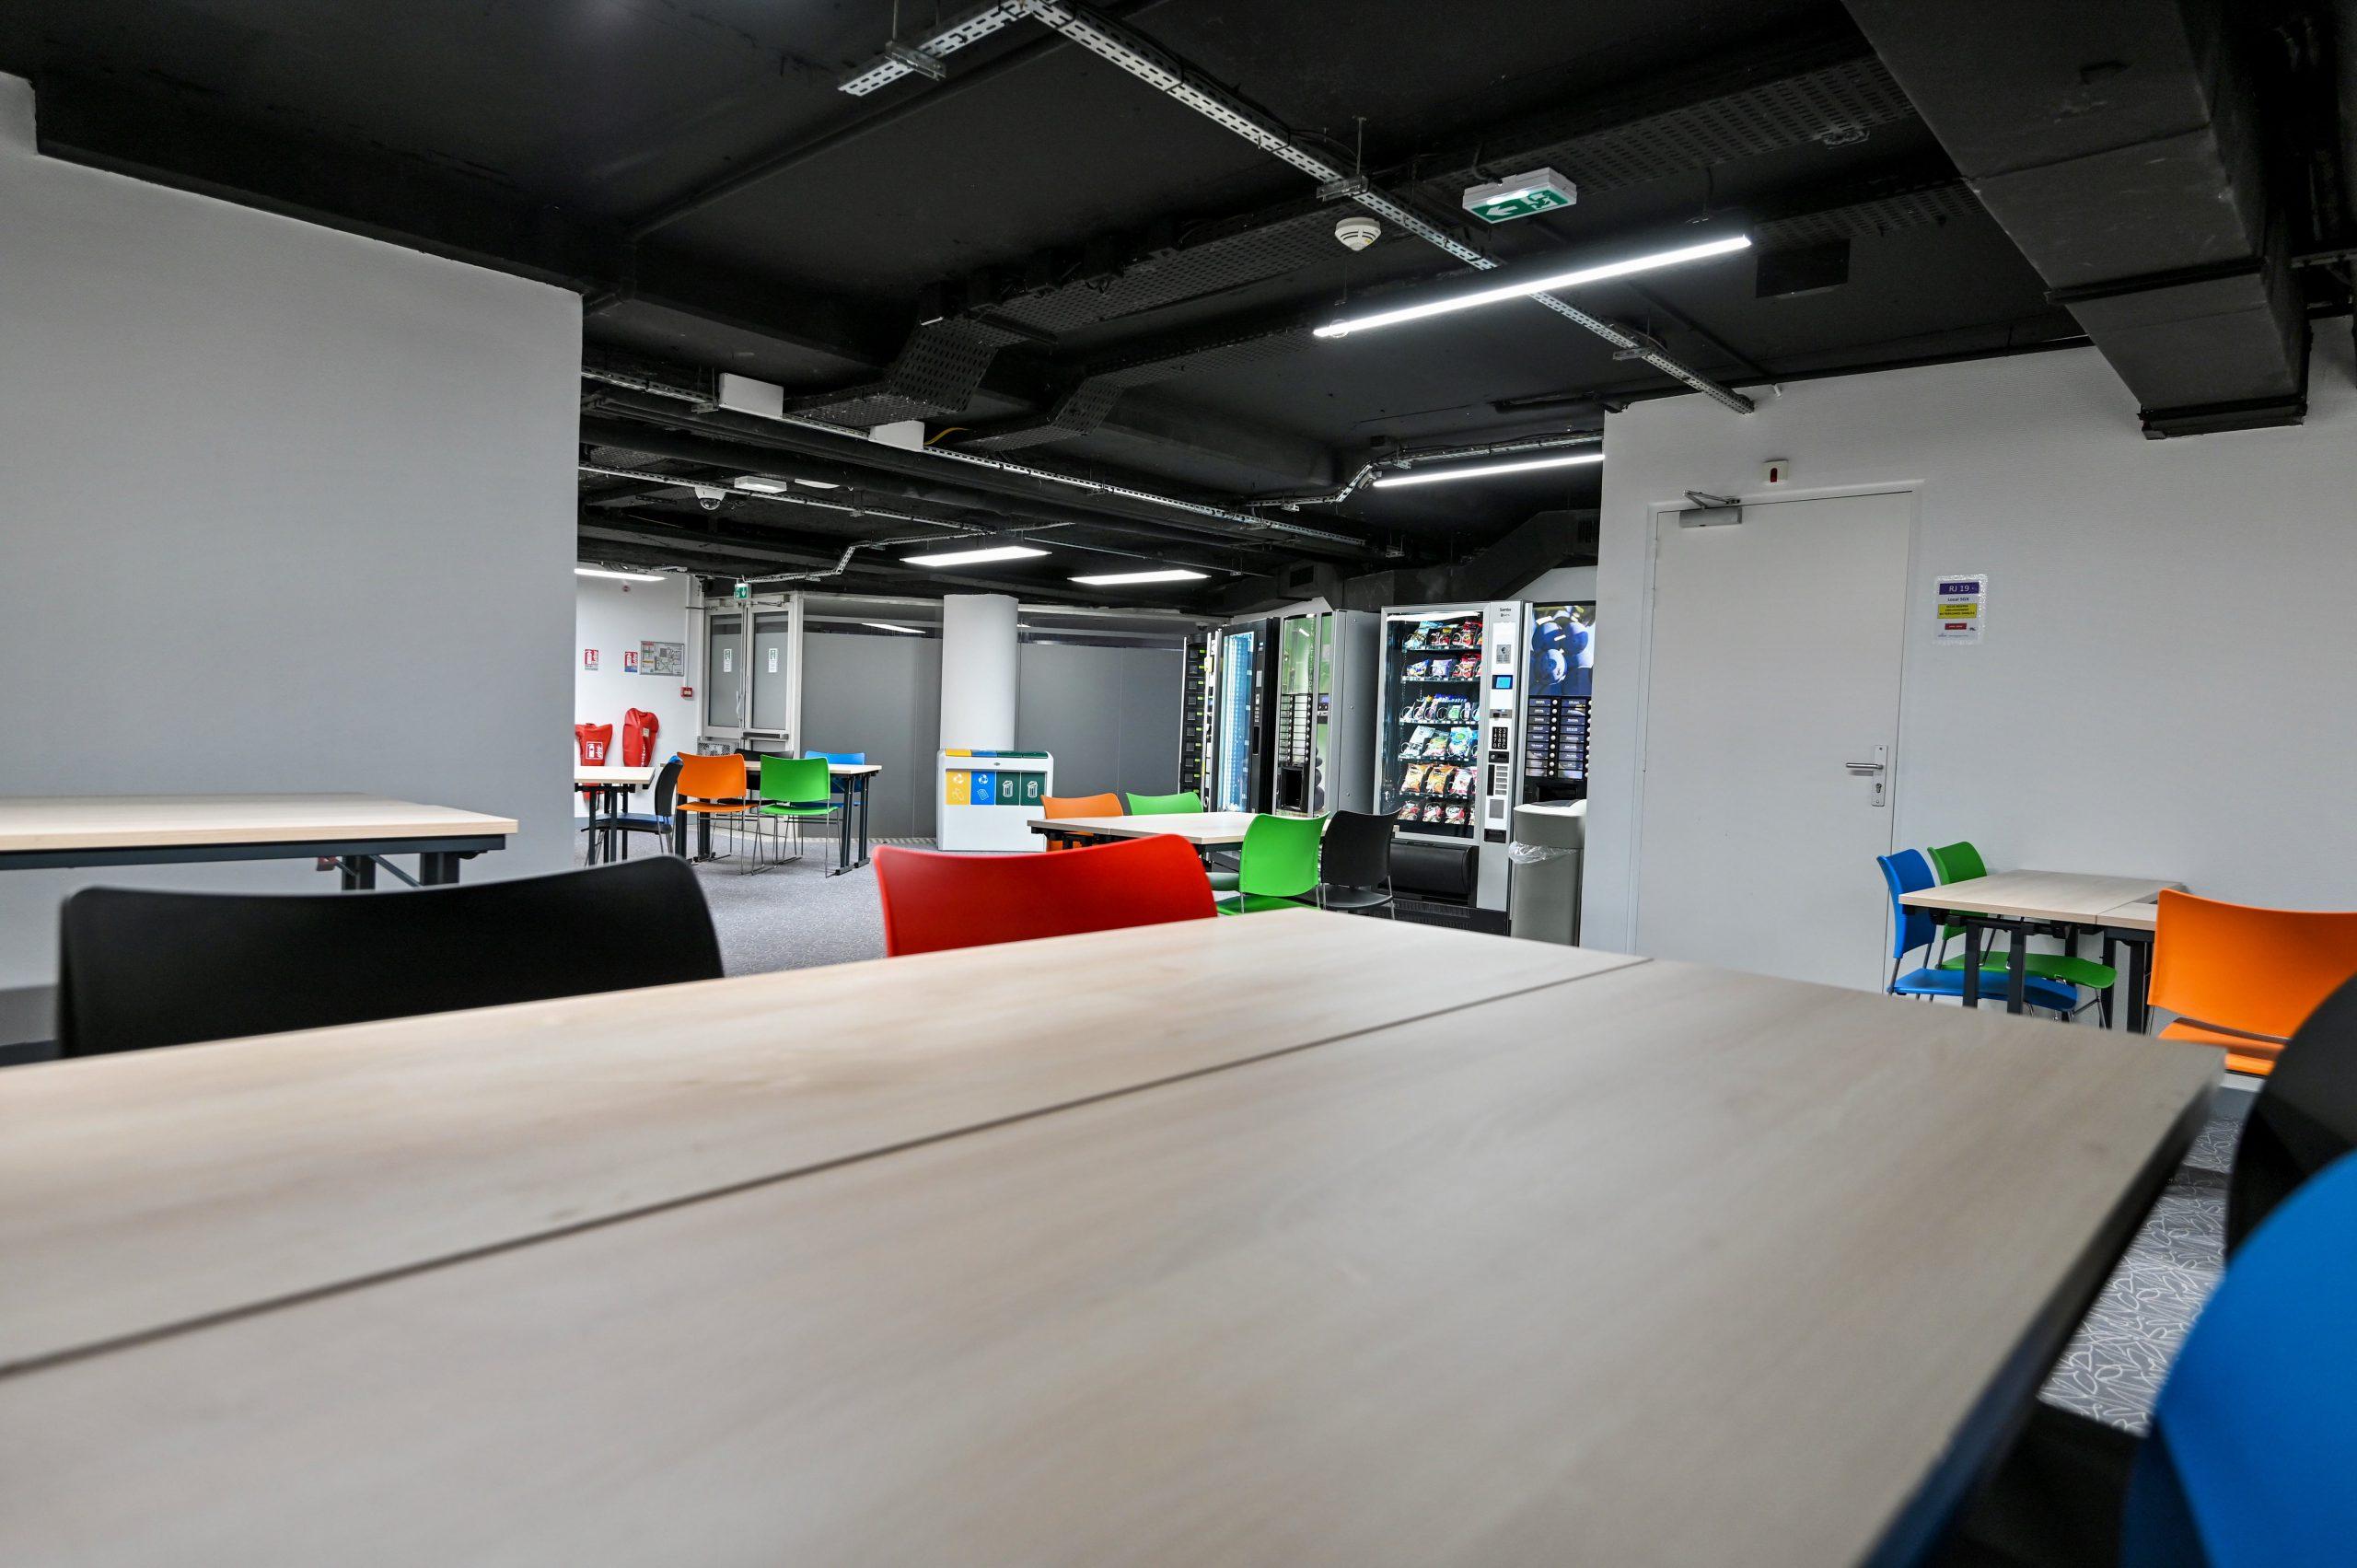 IGS-tableau-salle de classe-chaise